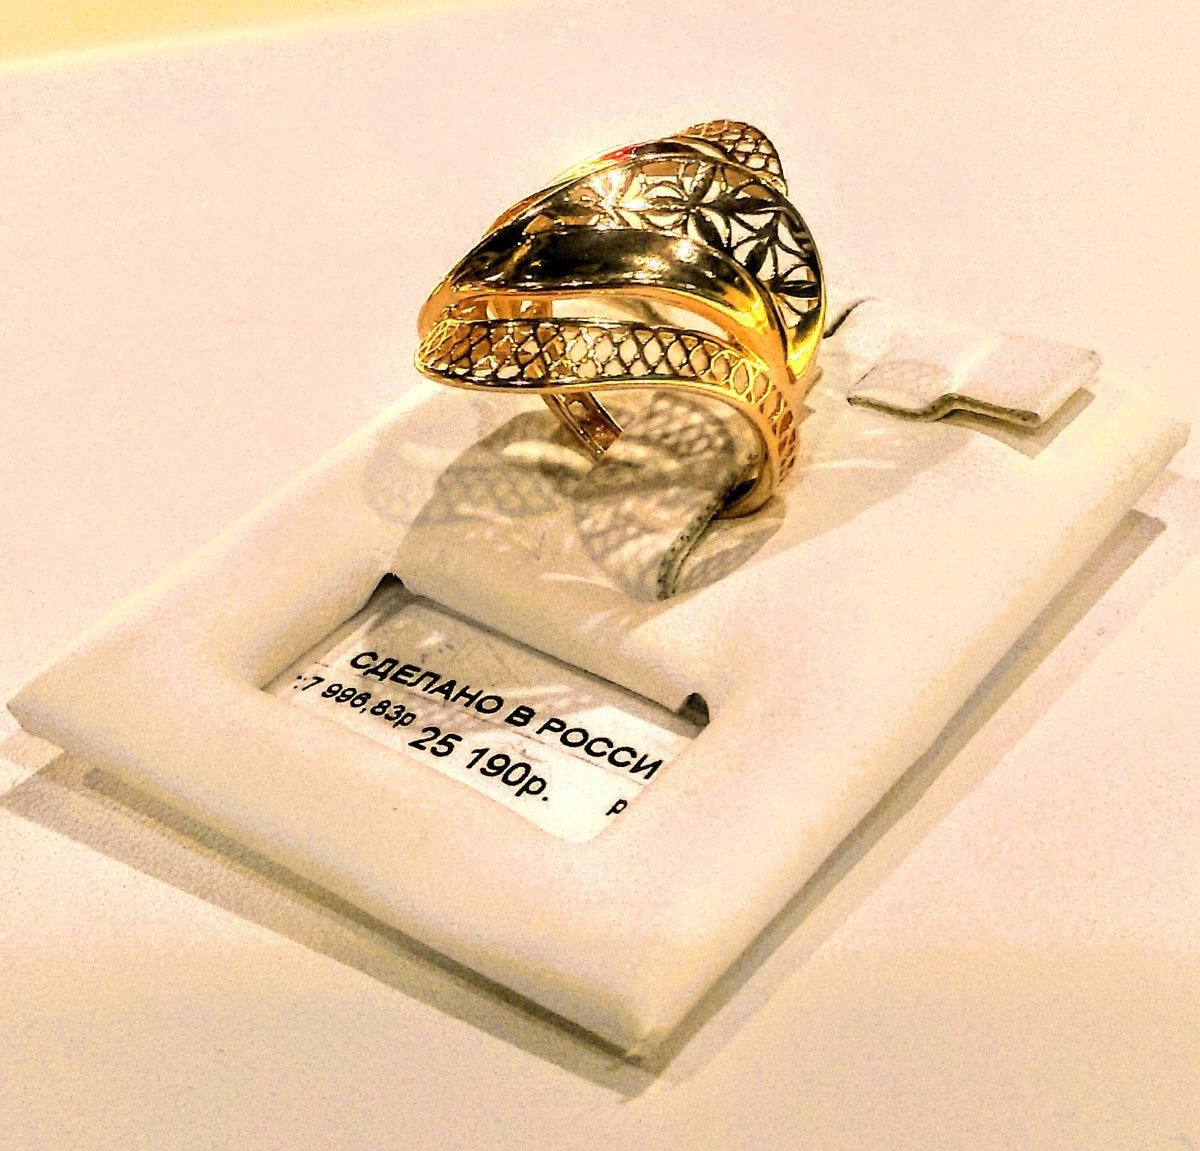 Оригинальное золотое кольцо - то,что мне радует глаз.